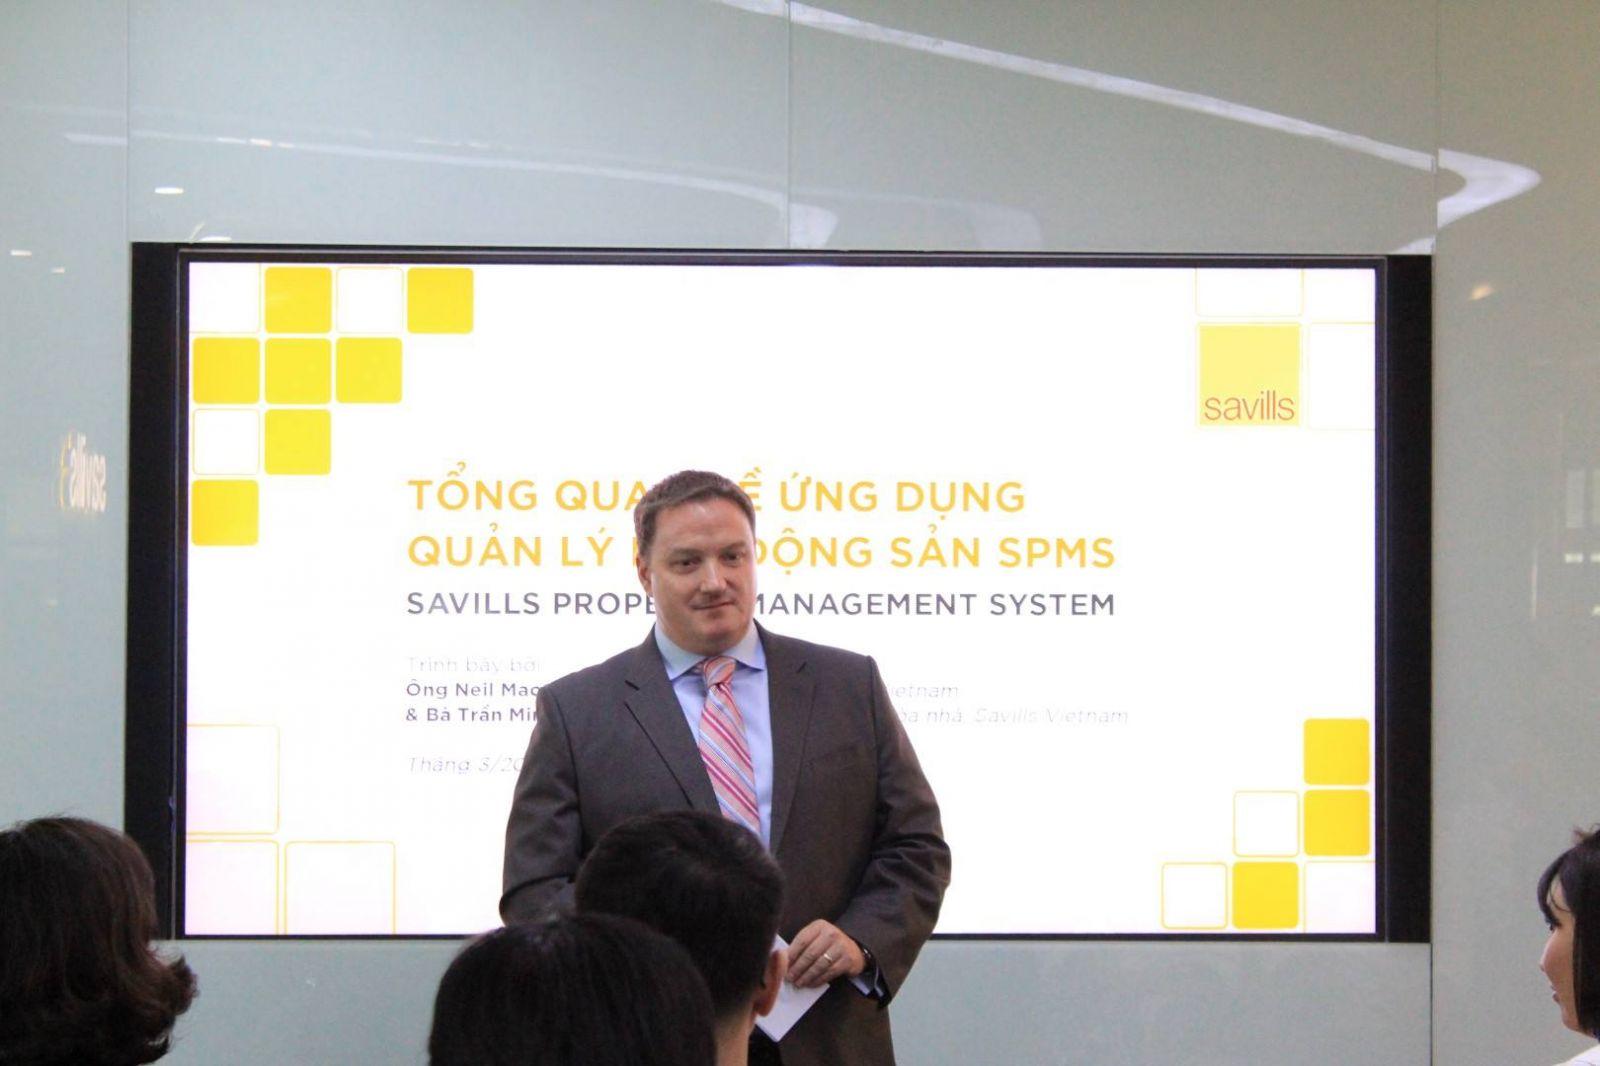 Ông Neil MacGregor, Tổng Giám đốc Savills Việt Nam phát biểu tại buổi ra mắt ứng dụng SPMS